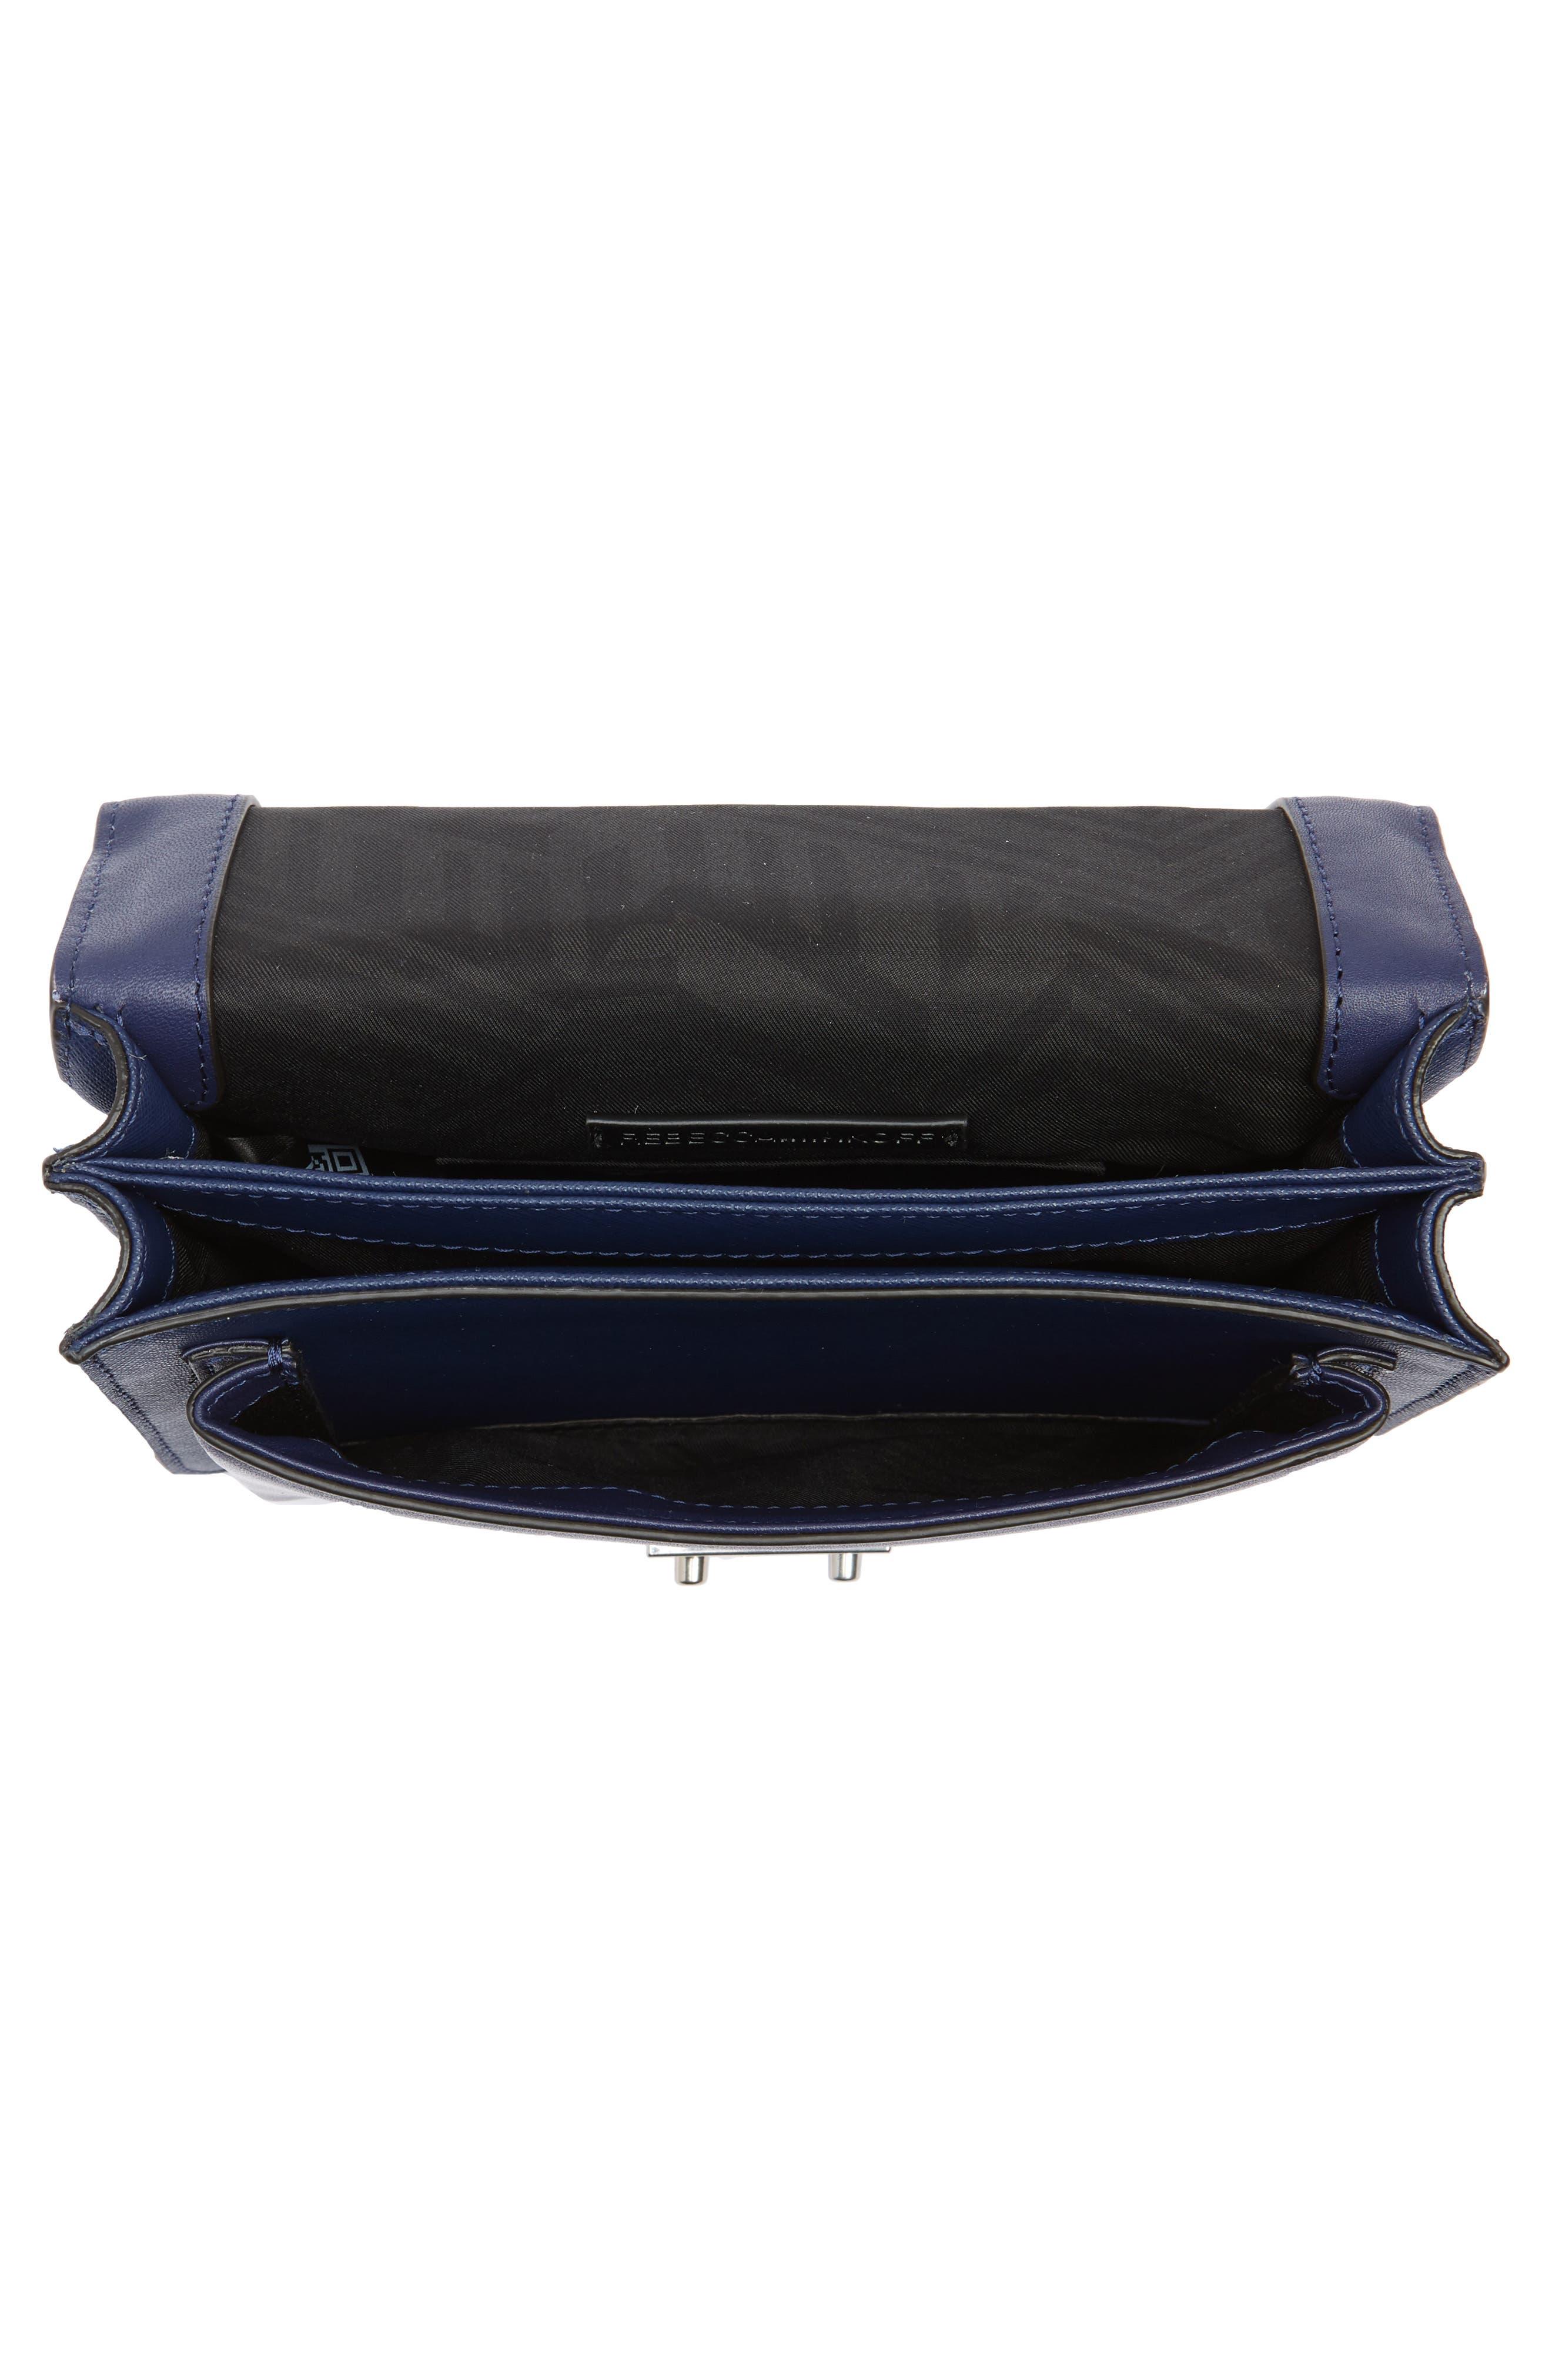 Medium Christy Leather Shoulder Bag,                             Alternate thumbnail 18, color,